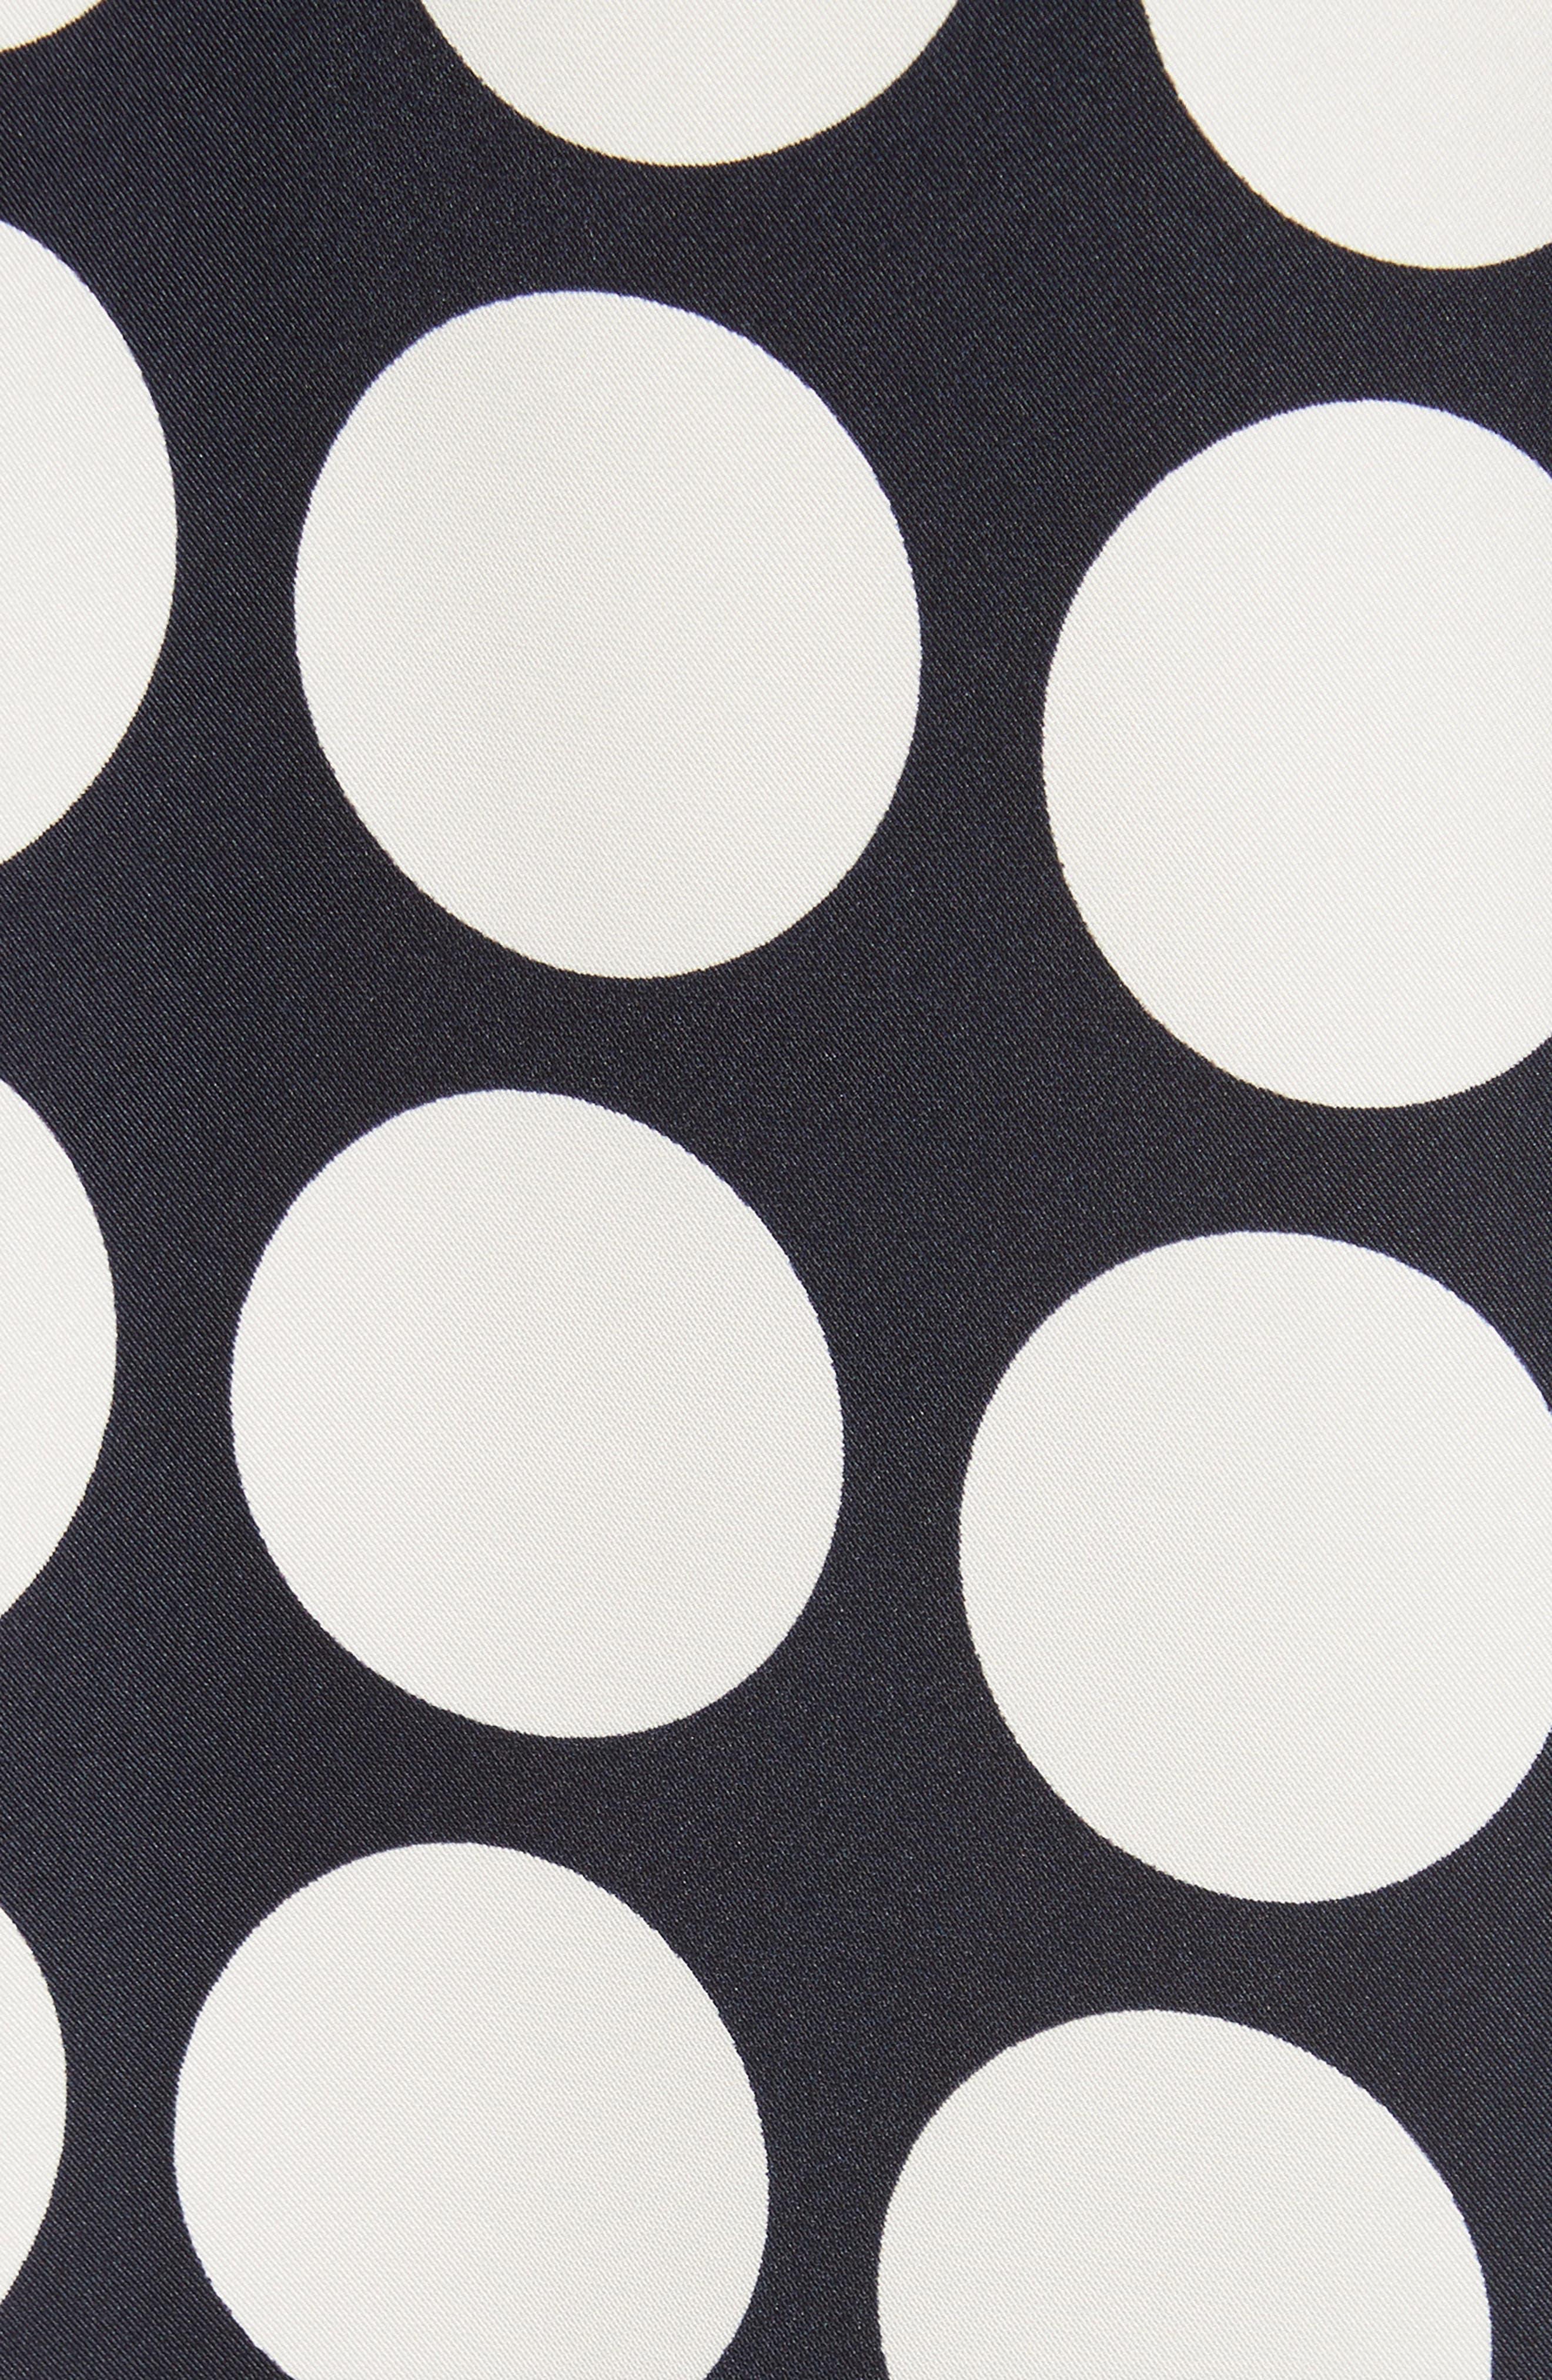 Giant Polka Dot Pleated Skirt,                             Alternate thumbnail 5, color,                             410